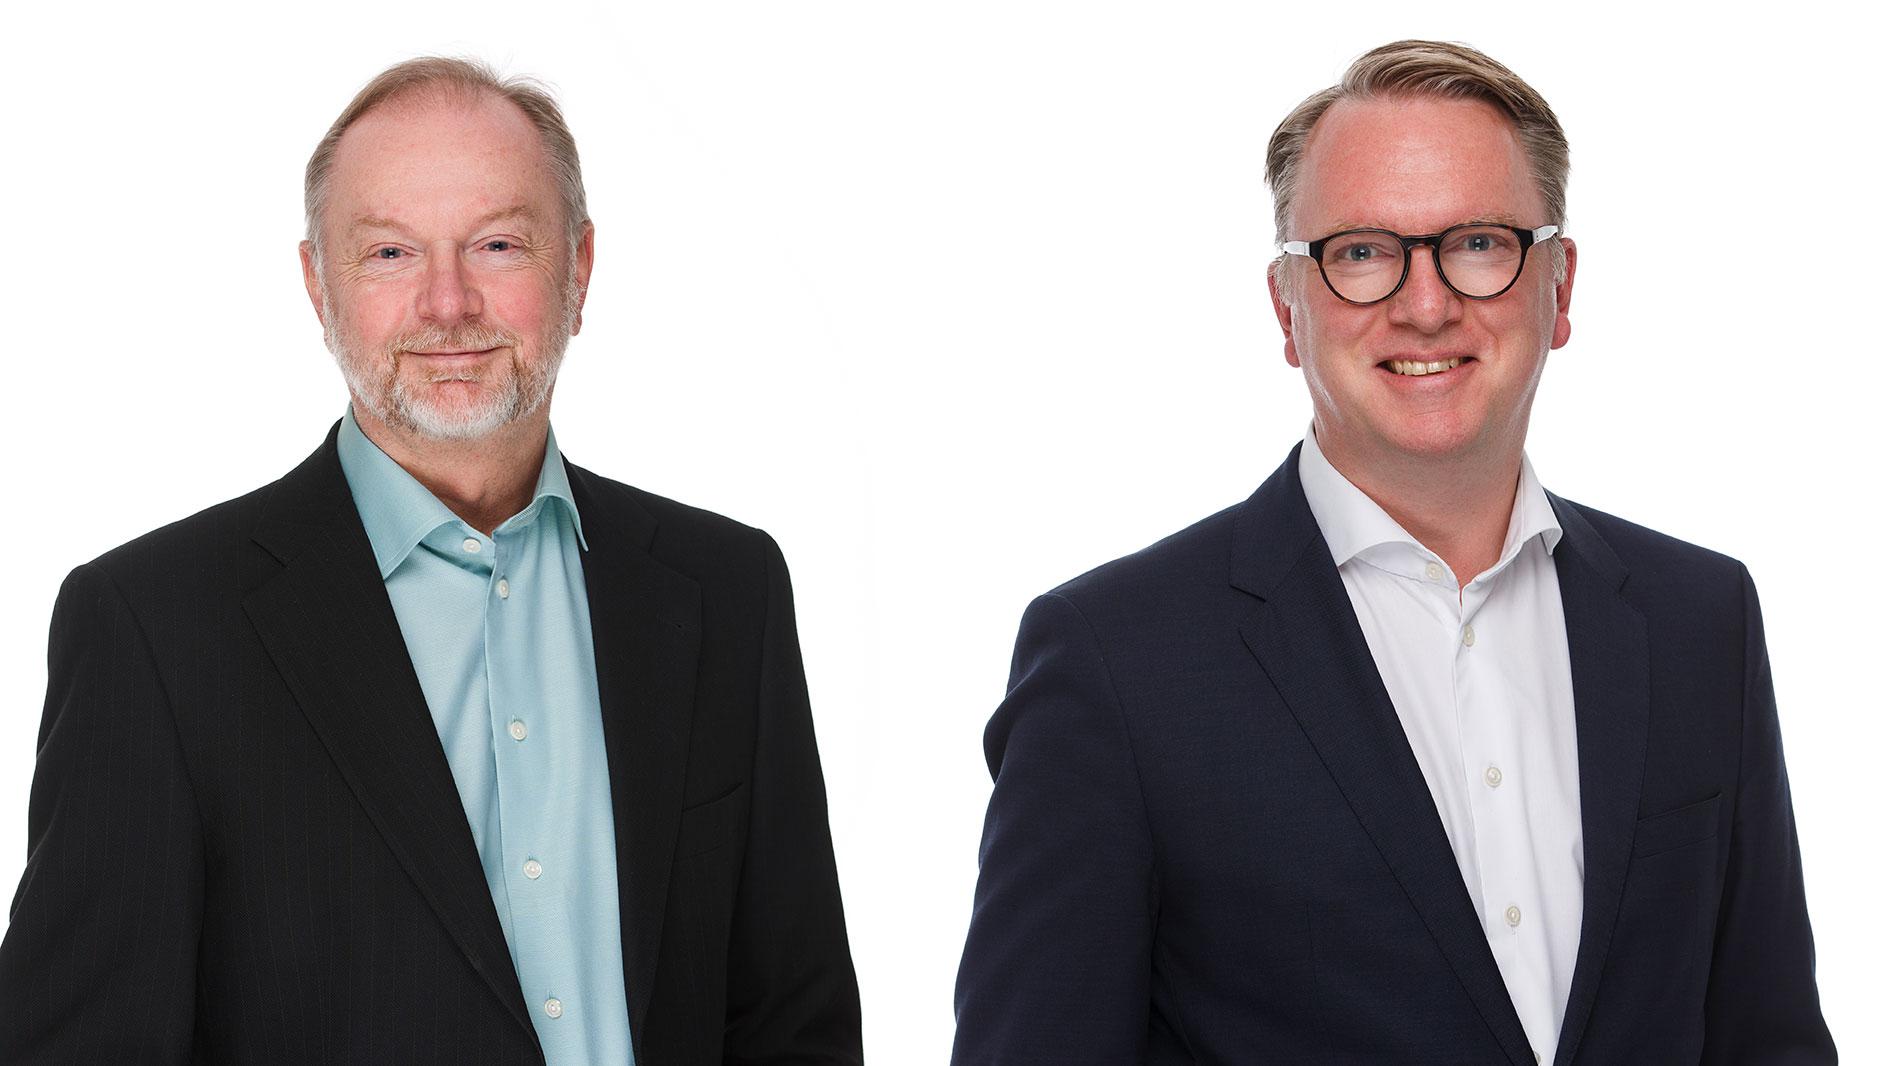 Lars Stenlund, till vänster, slutar som vd på Vitec och efterträds av Olle Backman.